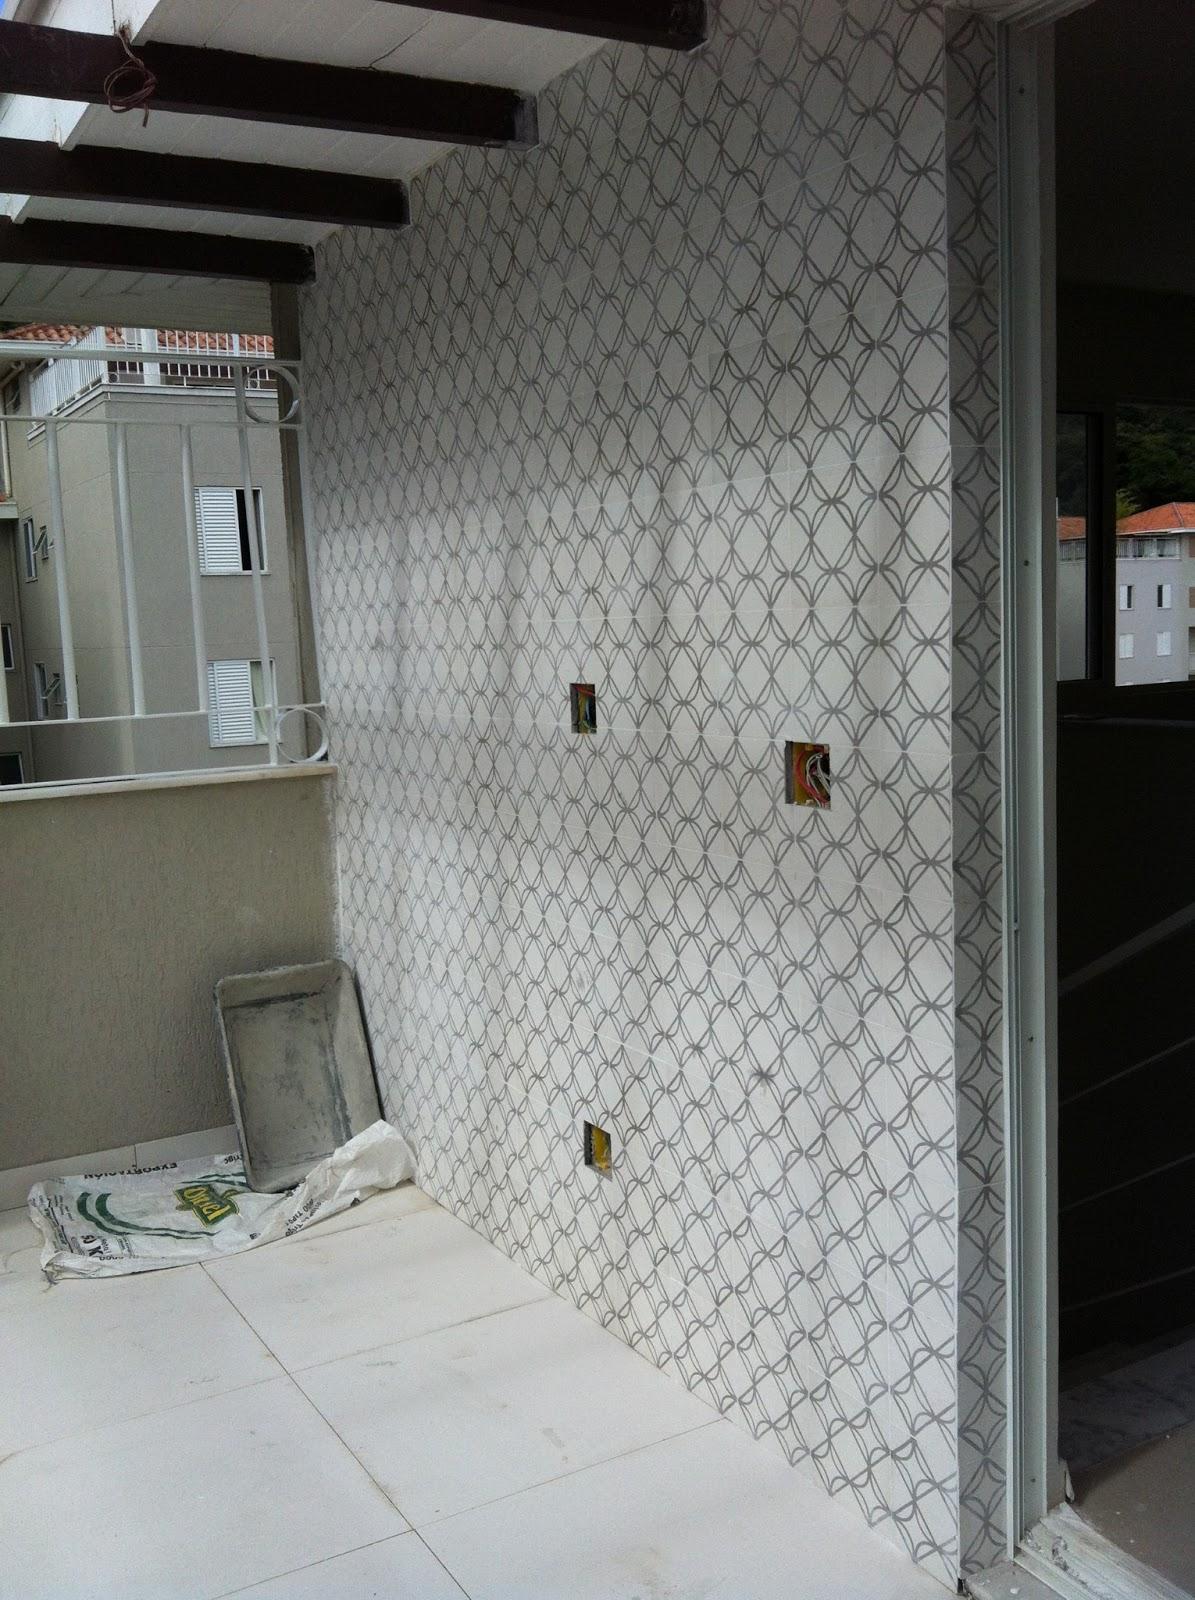 Nessa parede utilizei ladrilho hidráulico em tons de cinza e branco  #5A4F48 1195x1600 Bancada Banheiro Concreto